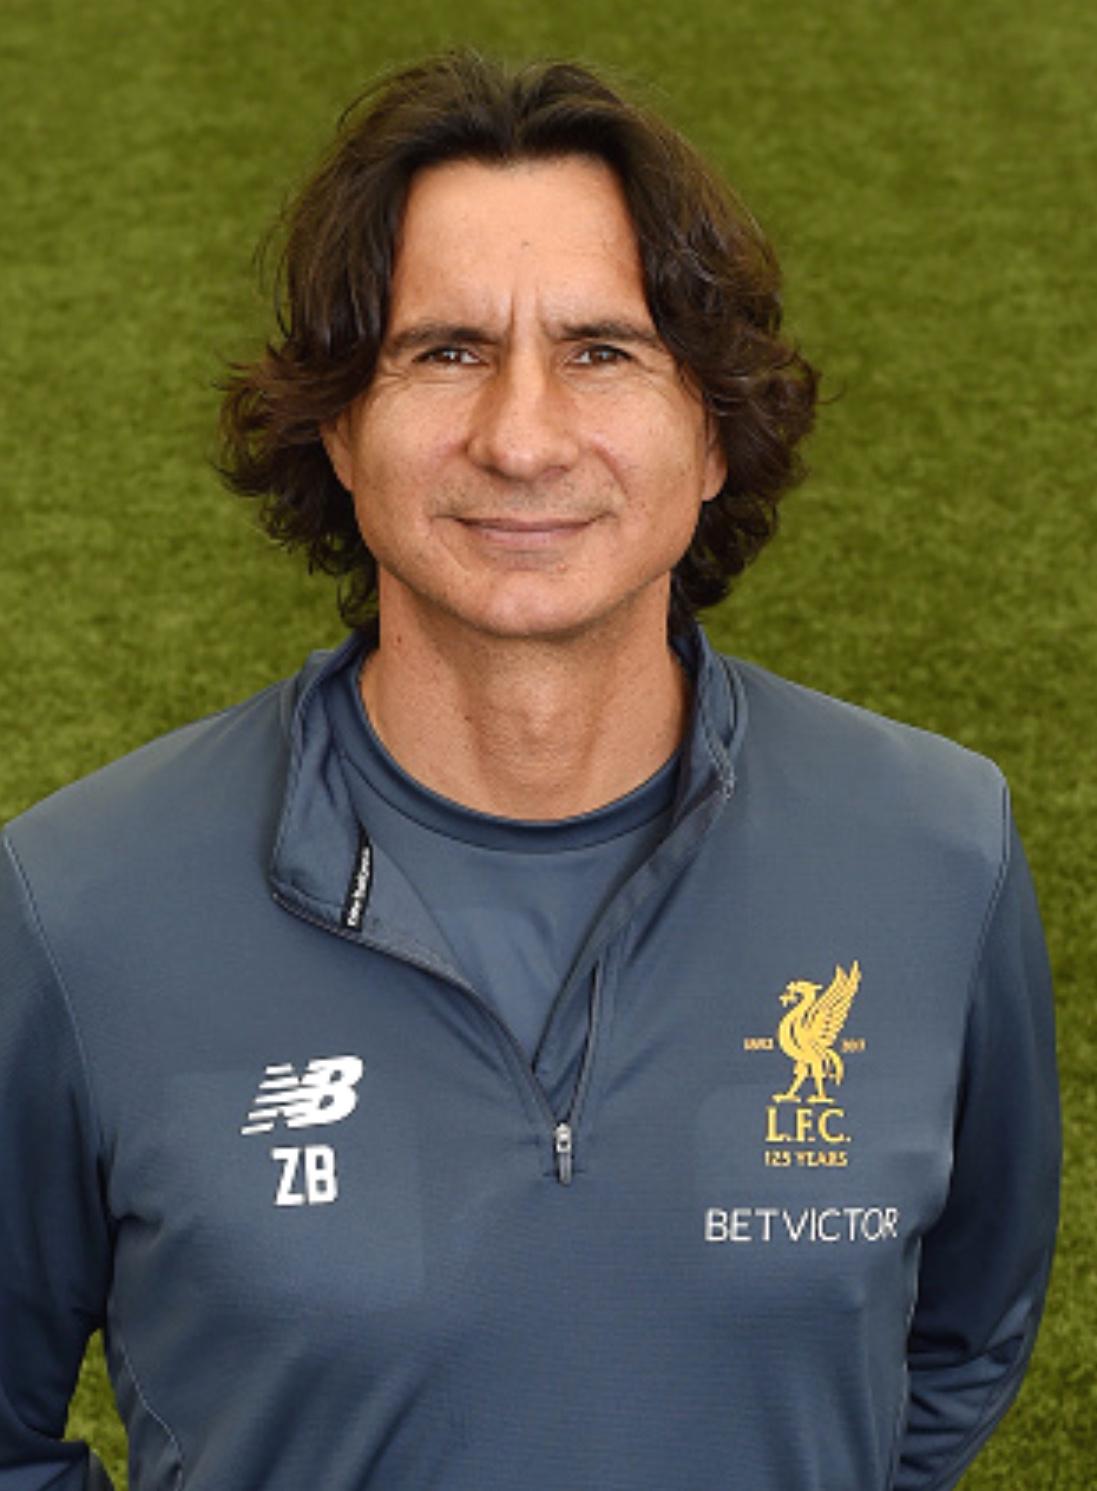 Buvac Zeljko